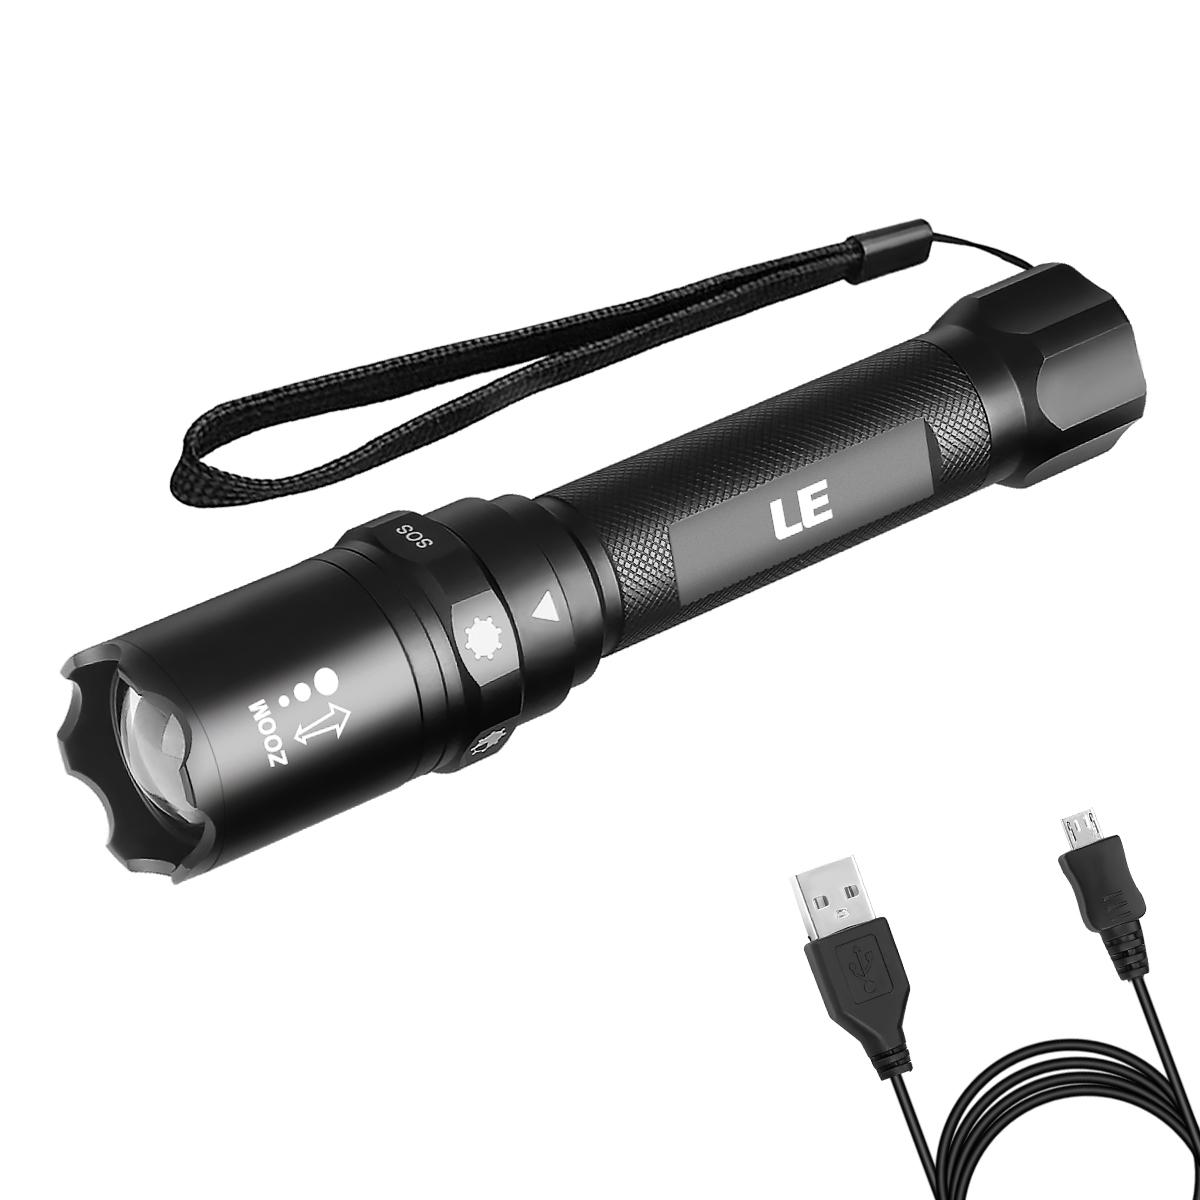 10W LED Taschenlampe, 500lm 6 Lichtmodi, USB aufladbar, einstellbaren Fokus, Inklusive 18650 Batterie, IP65 wasserdicht Camping Lampe, LED Zoombare Handlampen